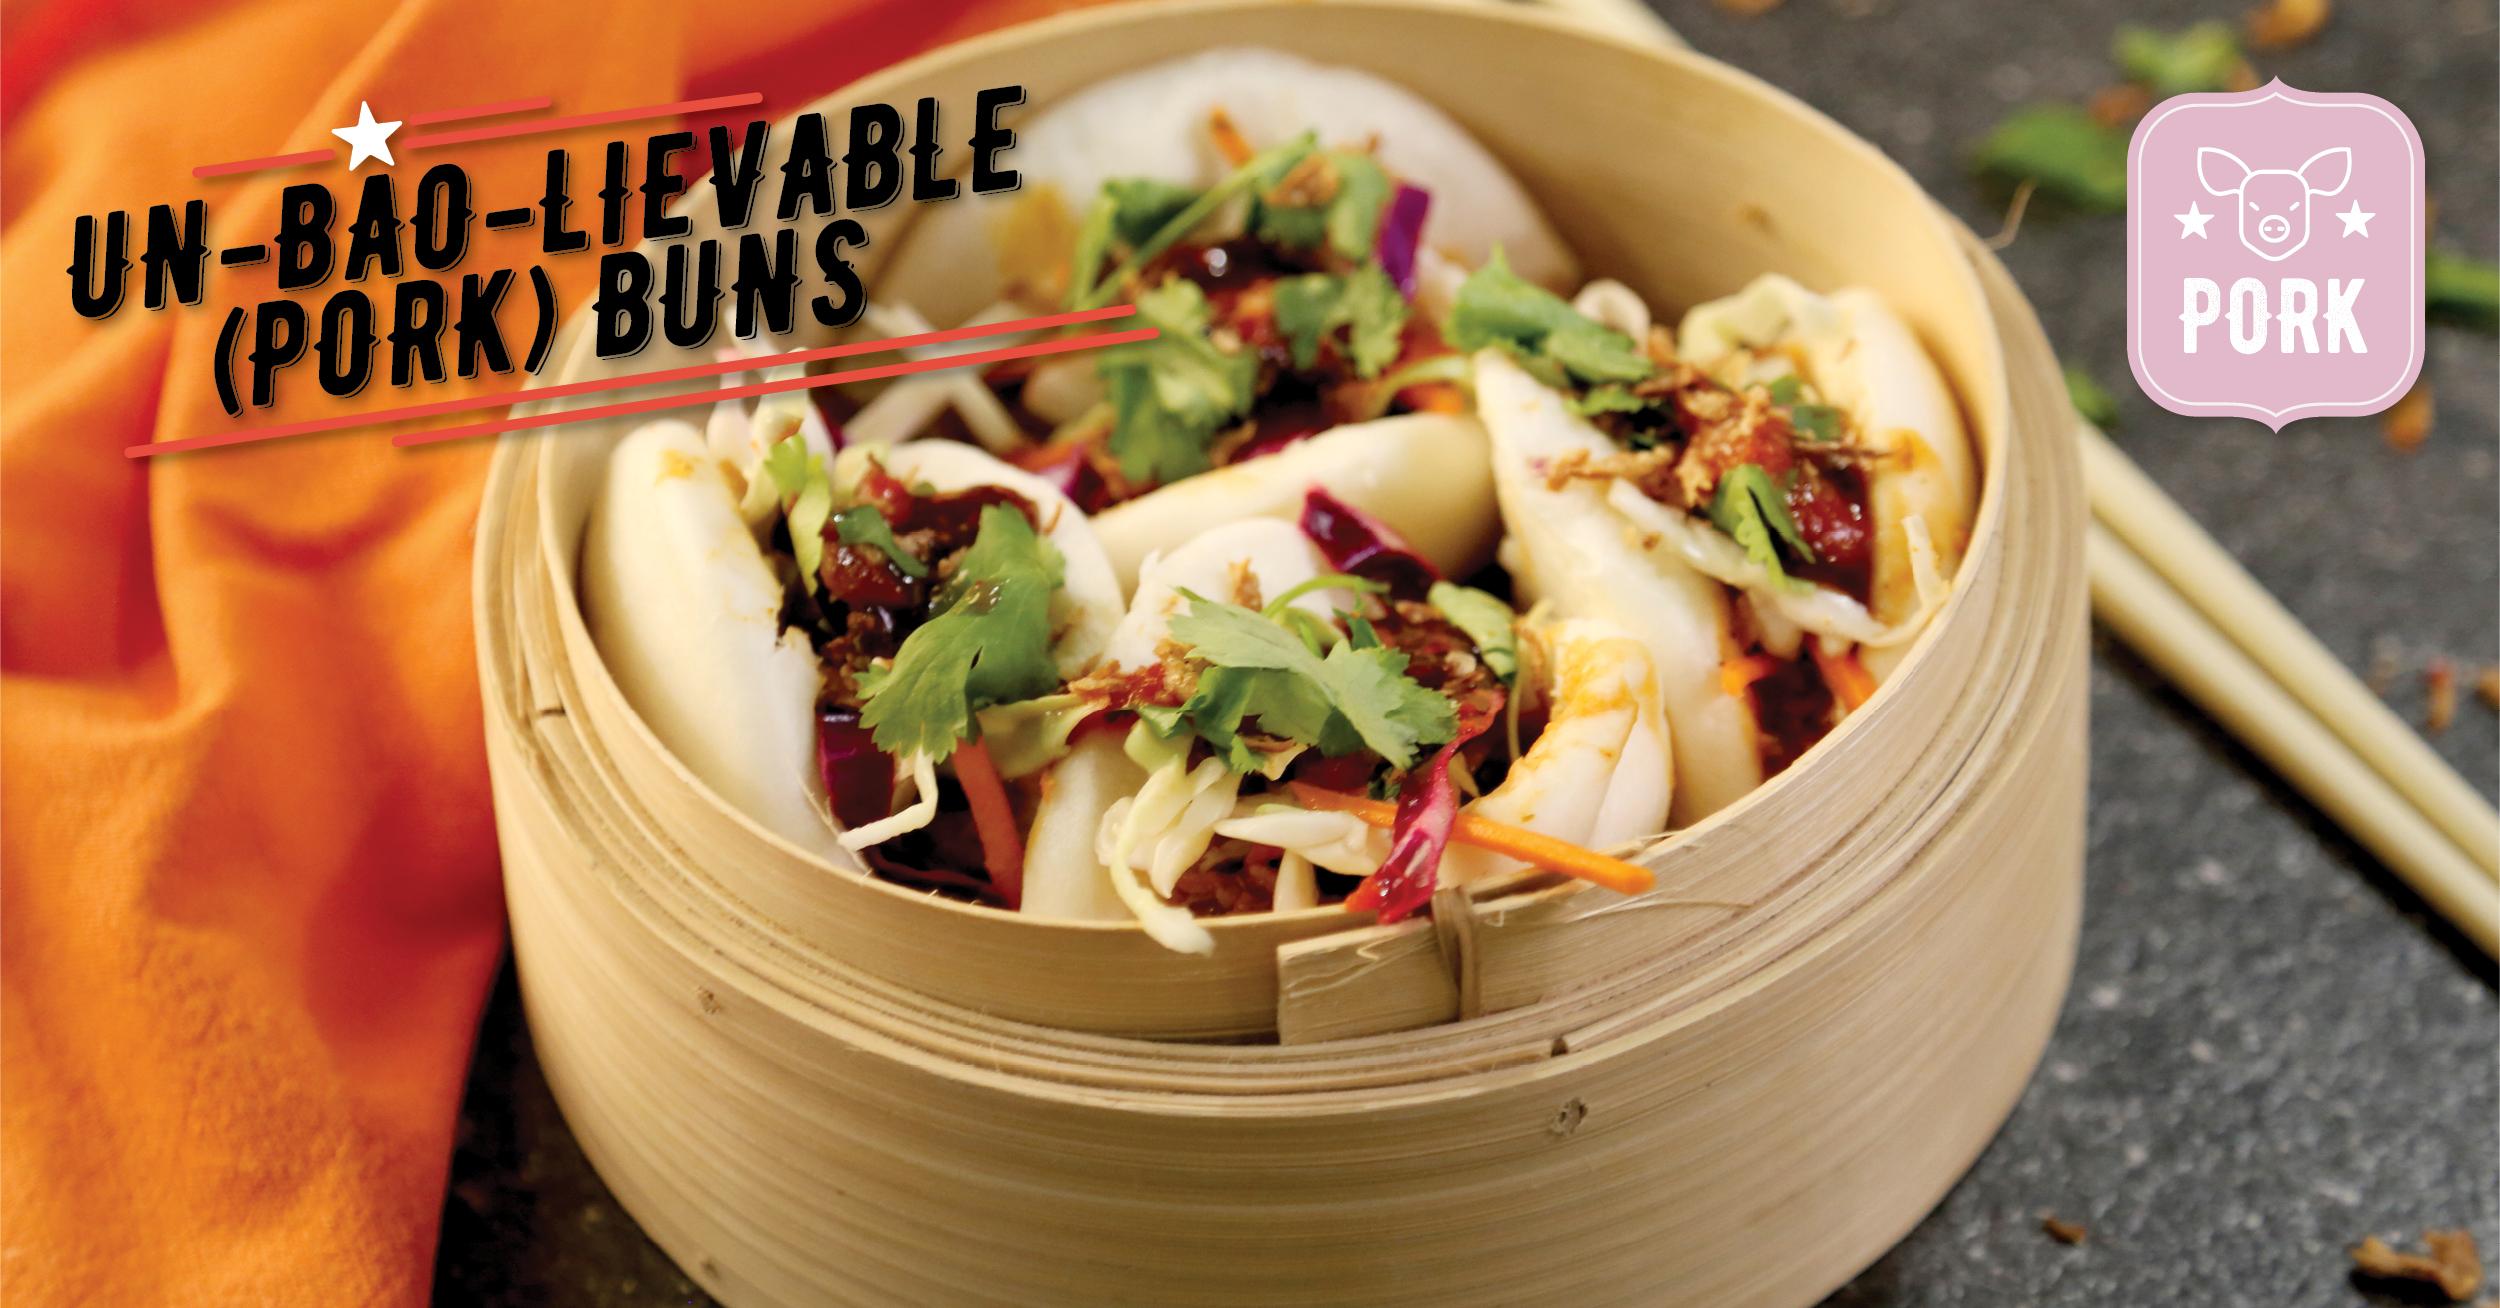 Un-Bao-Lievable (Pork) Buns